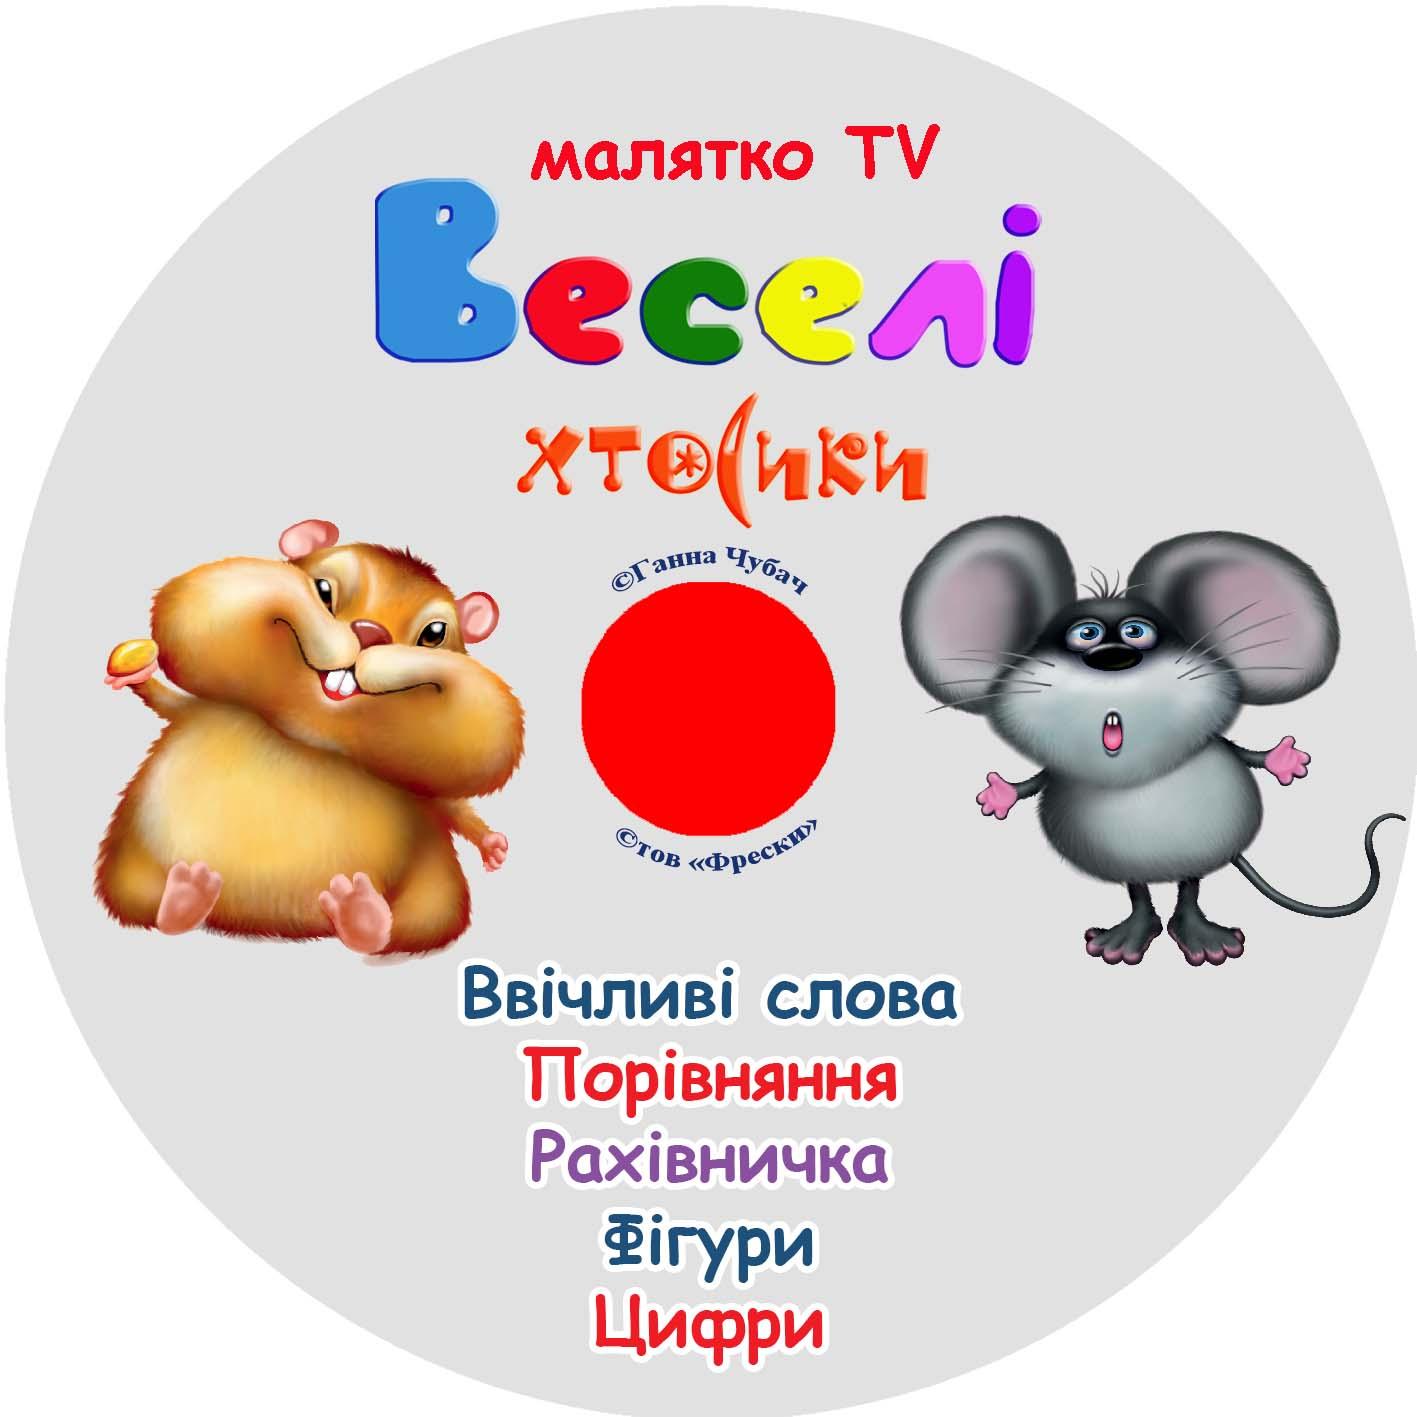 Veseli_khtosyky_3_DVD